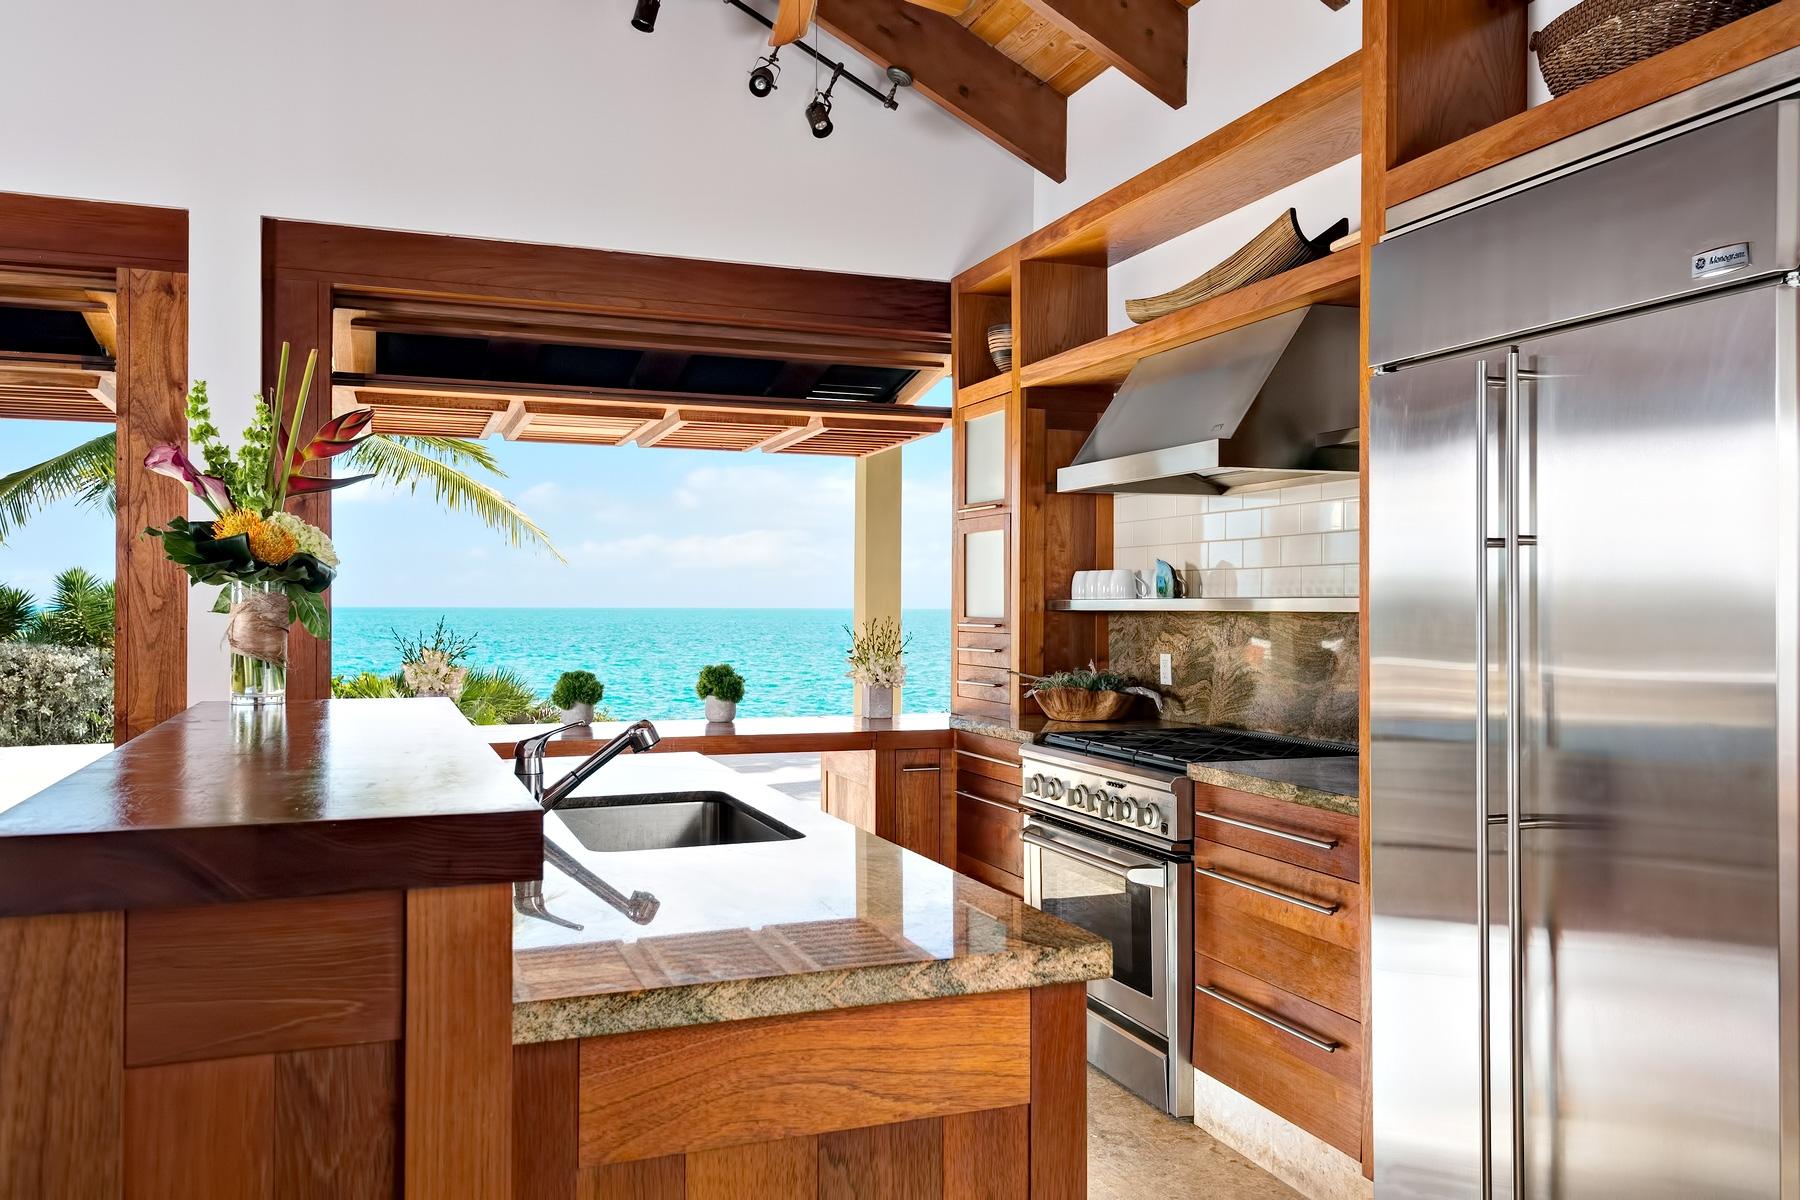 Luxury Villa Alamandra - Providenciales, Turks and Caicos Islands